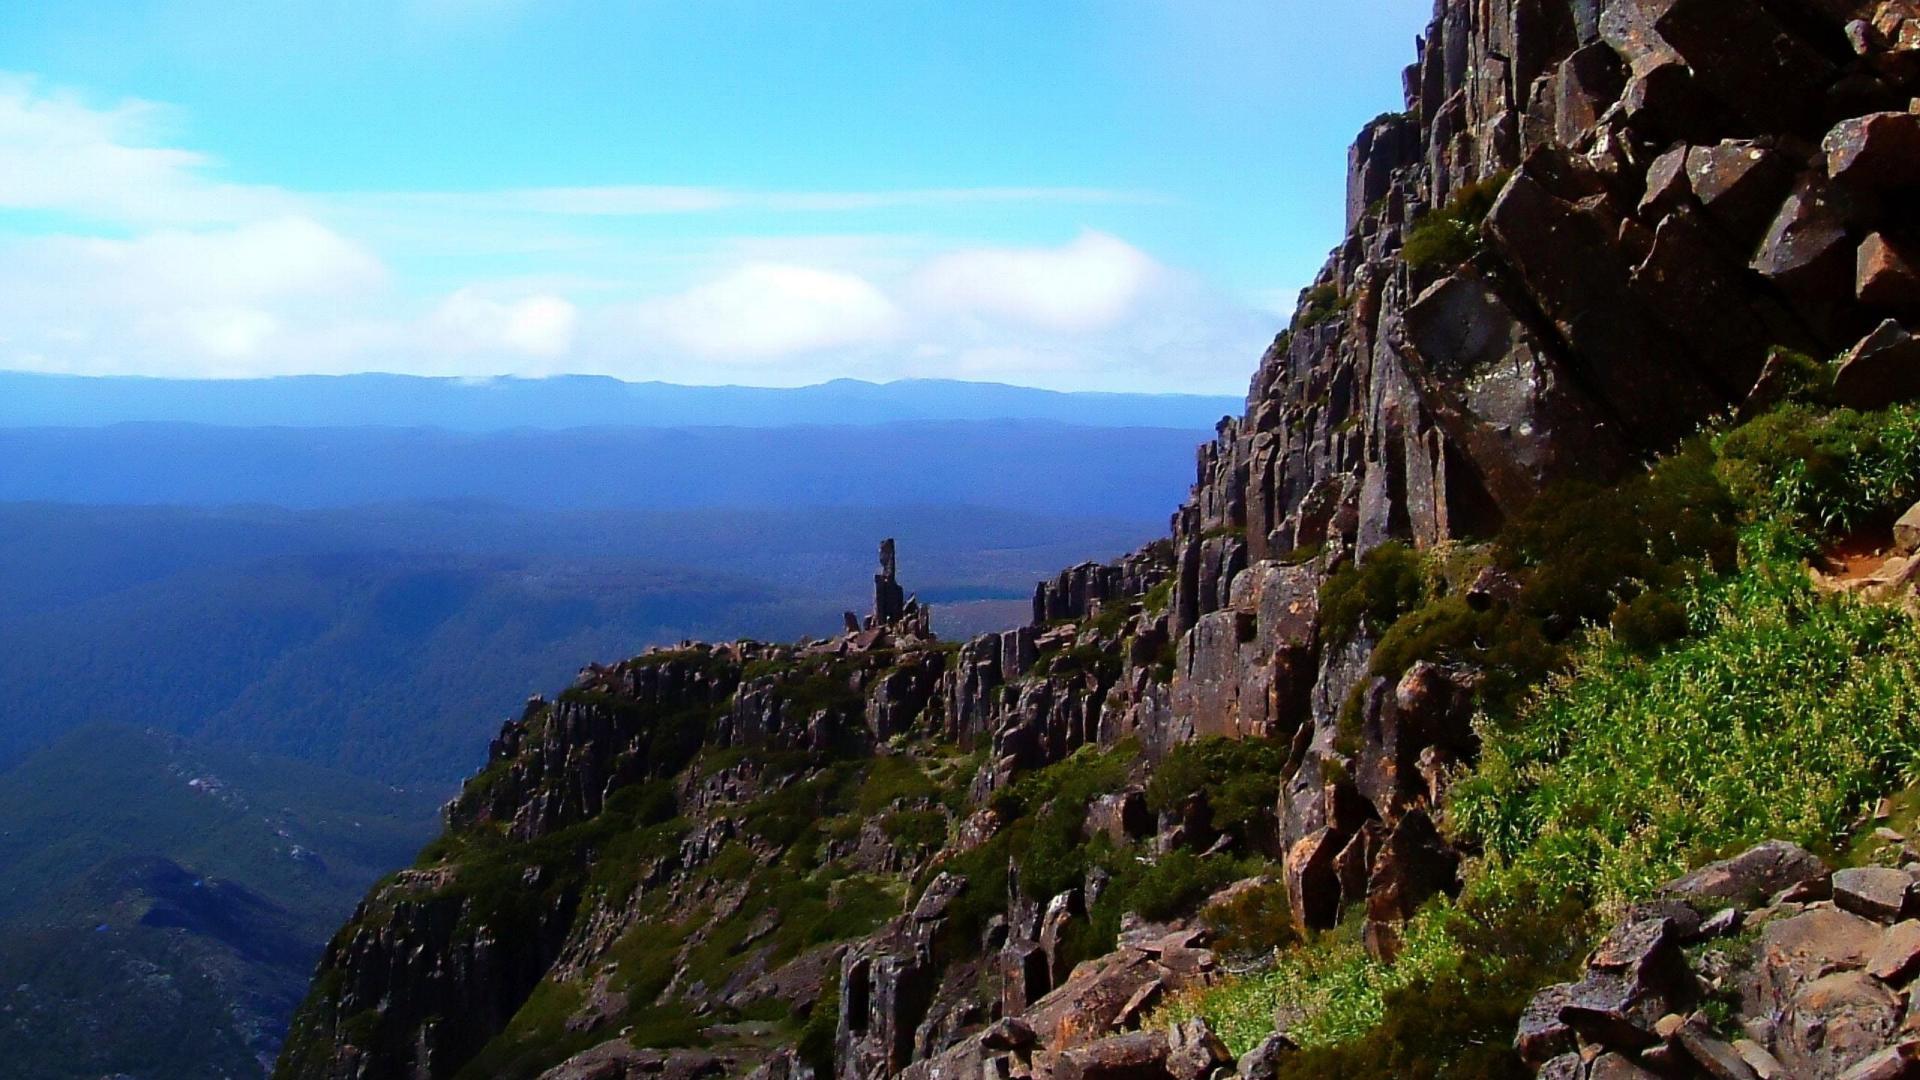 1080P HD Mountain Wallpaper